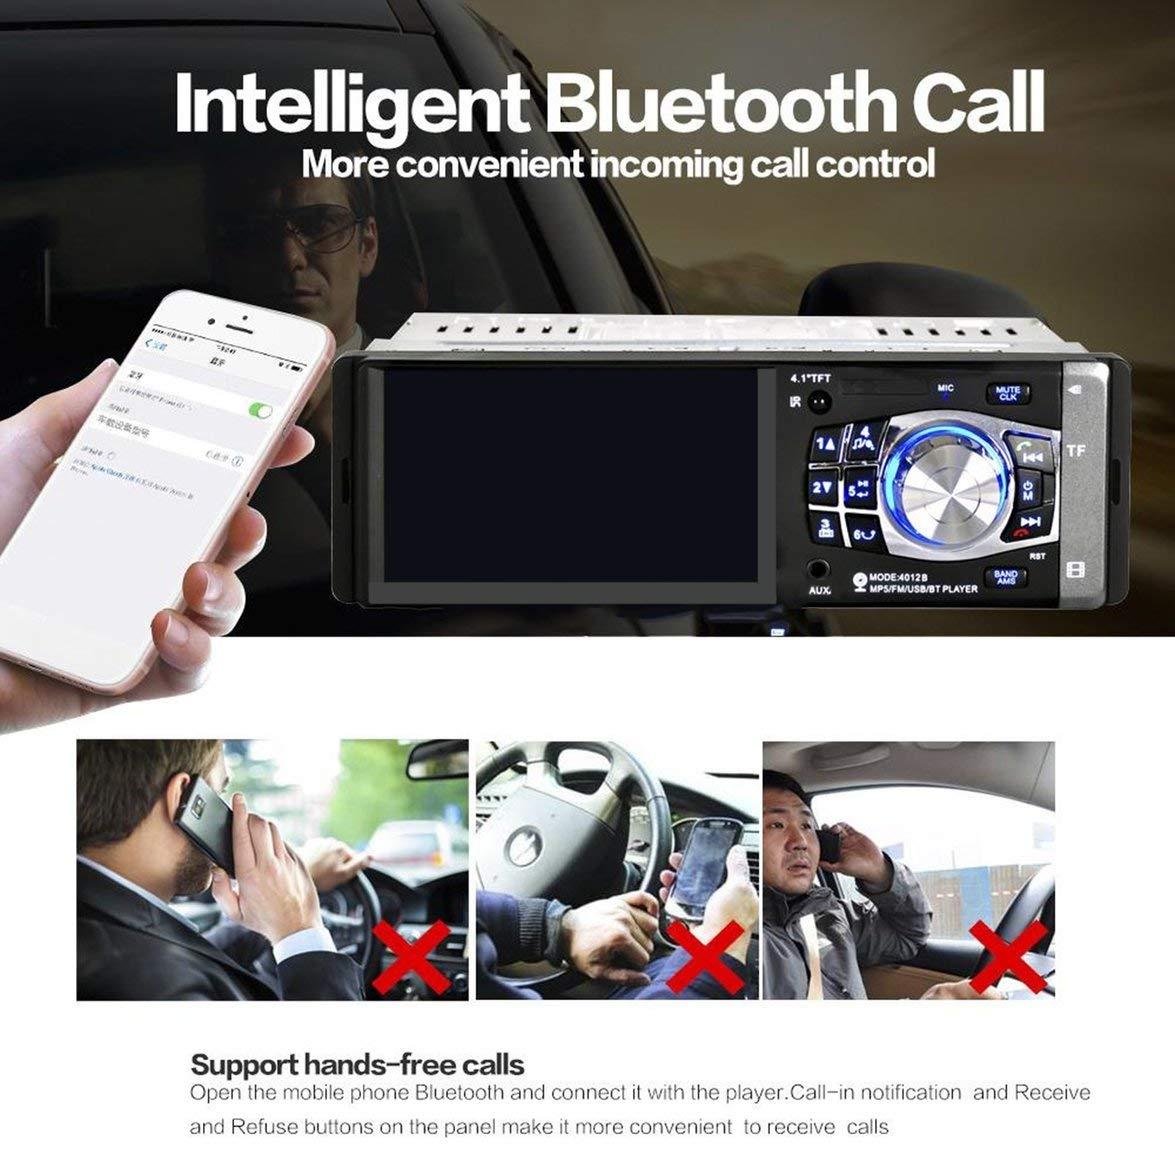 Noir avec cam/éra et Volant Kongqiabona 4012B 4.1 Pouces 1 Din Autoradio Auto Audio St/ér/éo FM Bluetooth 2.0 Lecteur MP5 Soutien Vue arri/ère de la cam/éra Commande au Volant